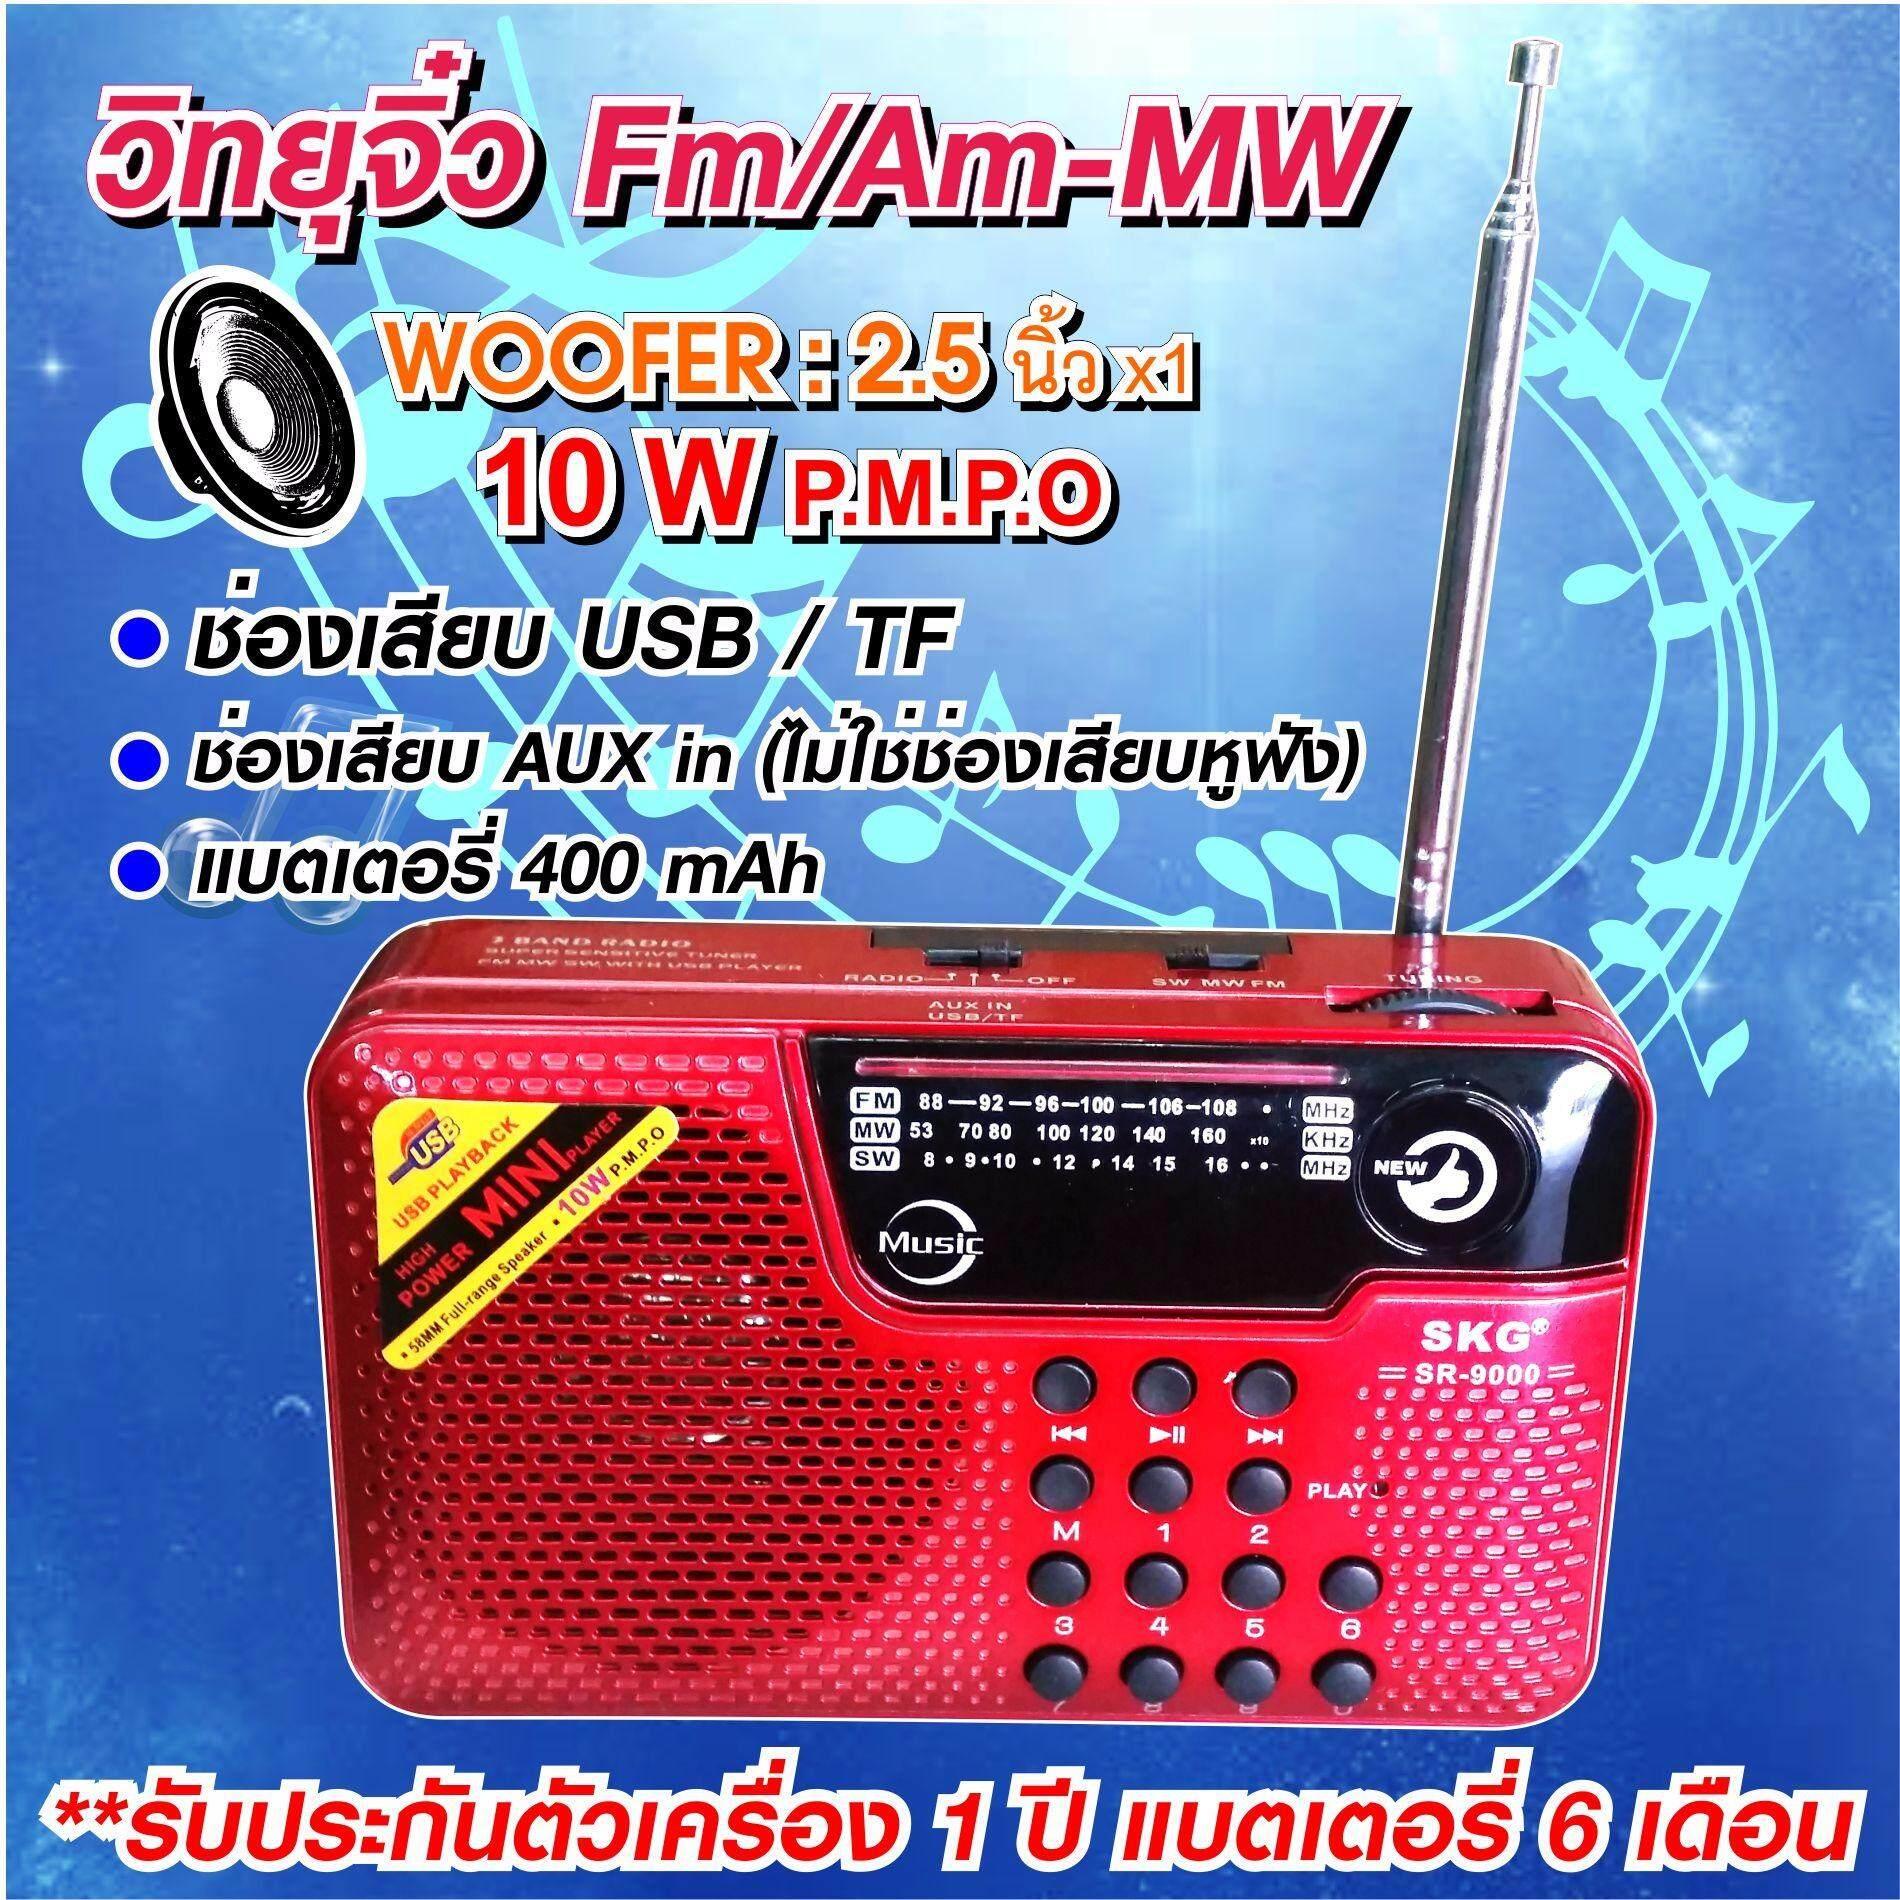 ส่วนลด Skg วิทยุจิ๋ว Usb Sd Card รุ่น Sr 9000 สีแดง